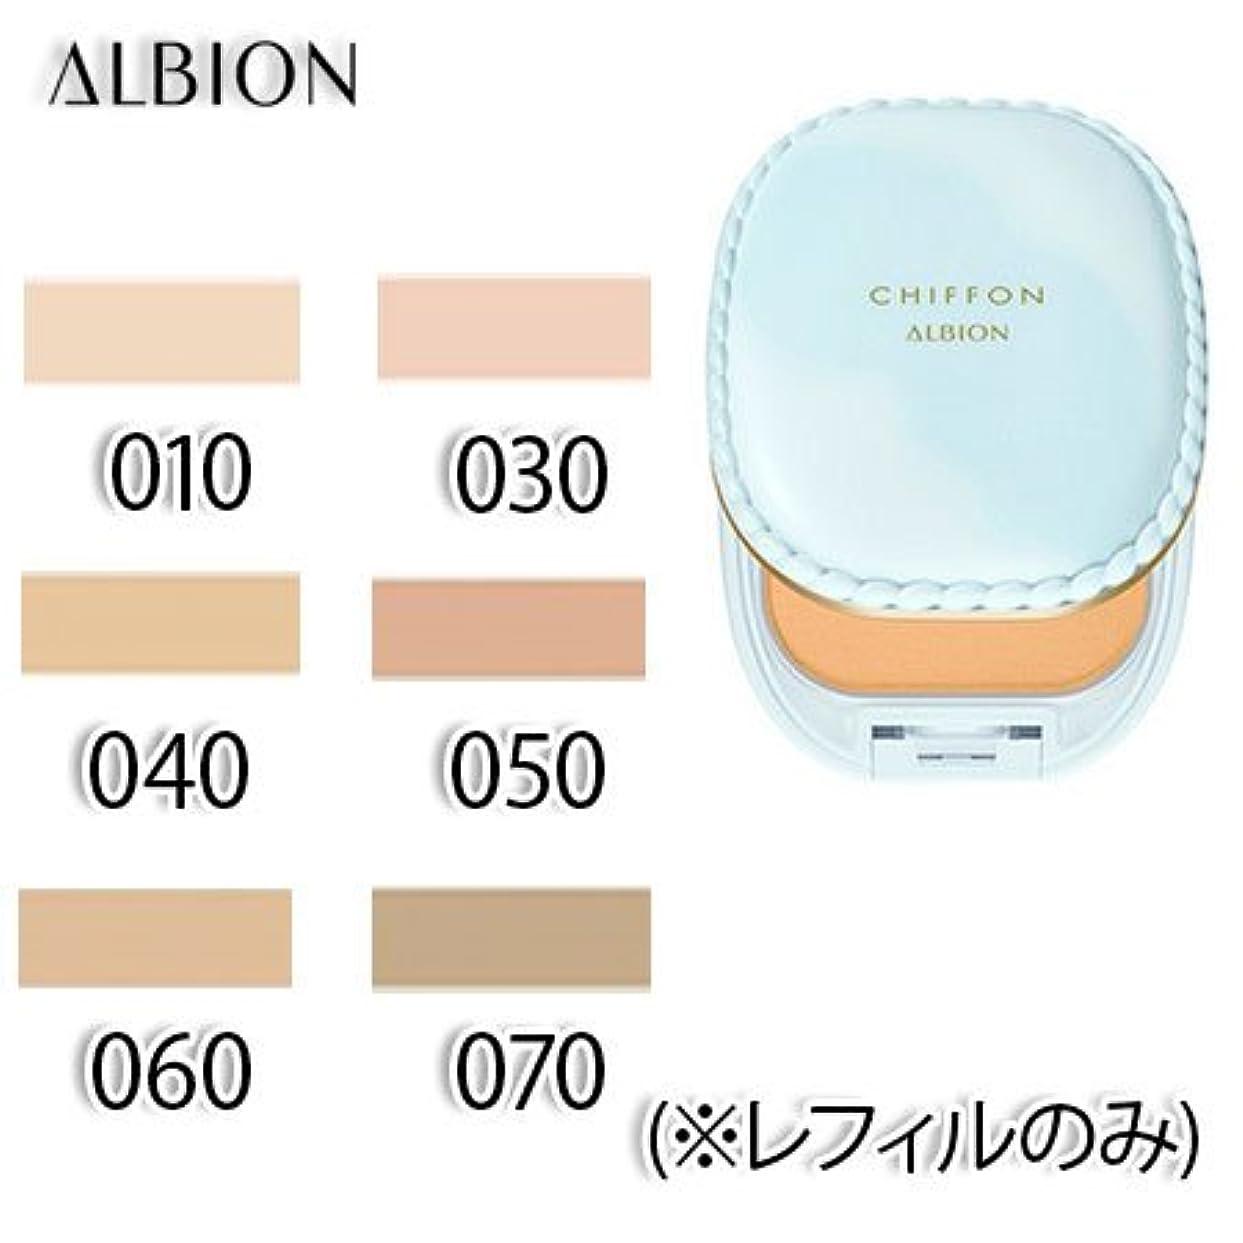 バナナ作曲する拍車アルビオン スノー ホワイト シフォン 全6色 SPF25?PA++ 10g (レフィルのみ) -ALBION- 050